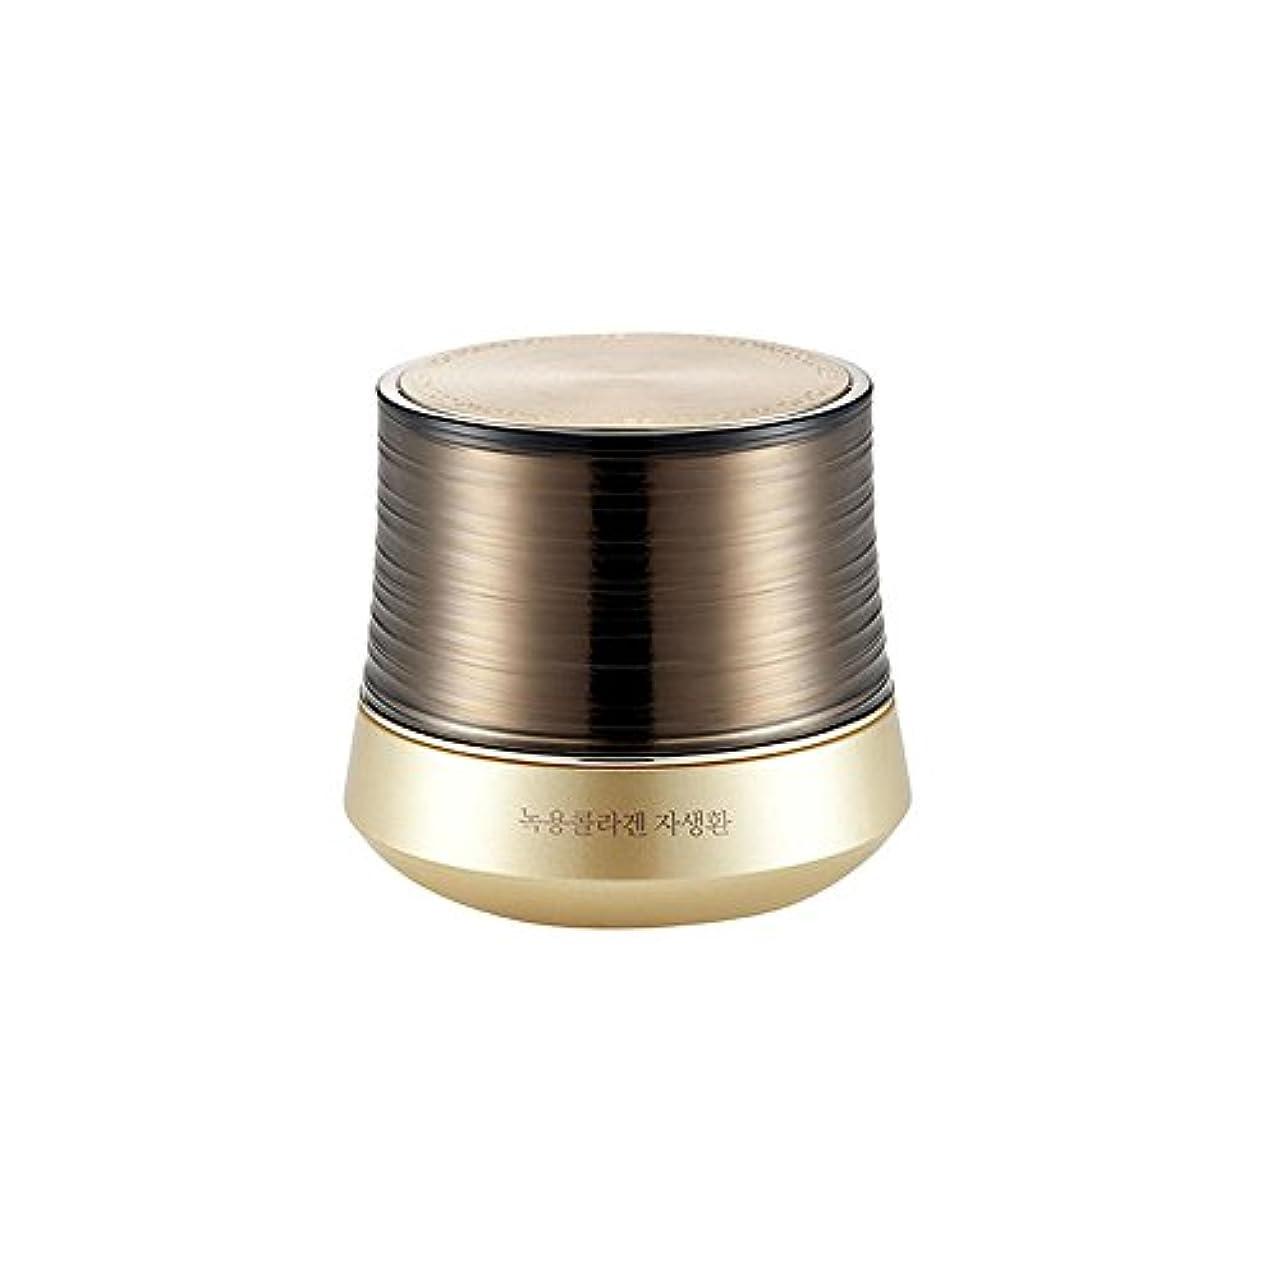 ペストリー老人些細[ザ?フェイスショップ] The Faceshop 鹿茸コラーゲンコントゥールリフトゴールドカプセルクリーム50g The Faceshop Nokyong Collagen Contour Lift Gold Capsule...